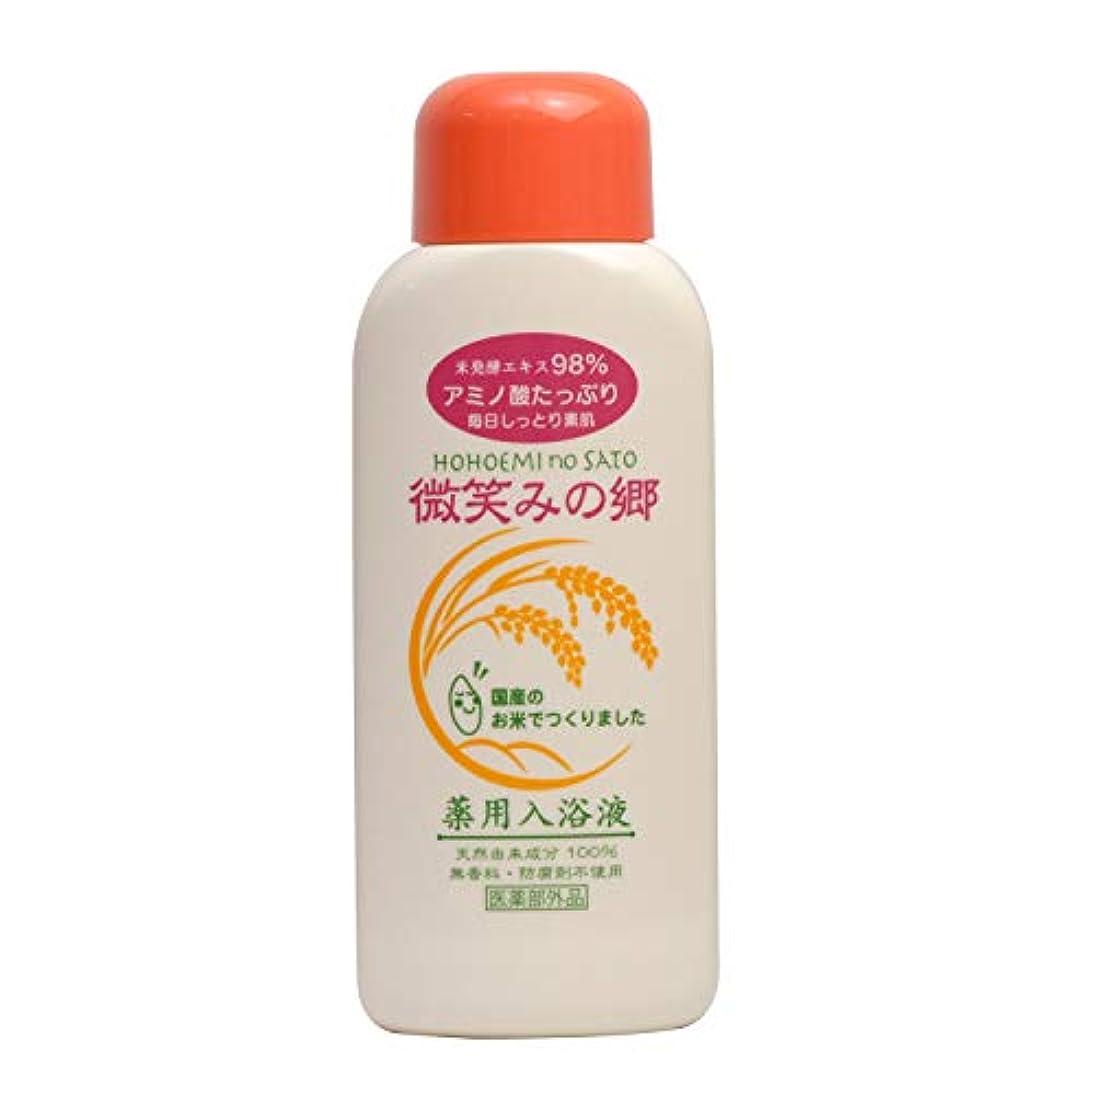 圧力お風呂流行HOHOEMI no SATO(微笑みの郷) ミスアール N 入浴剤 600ml